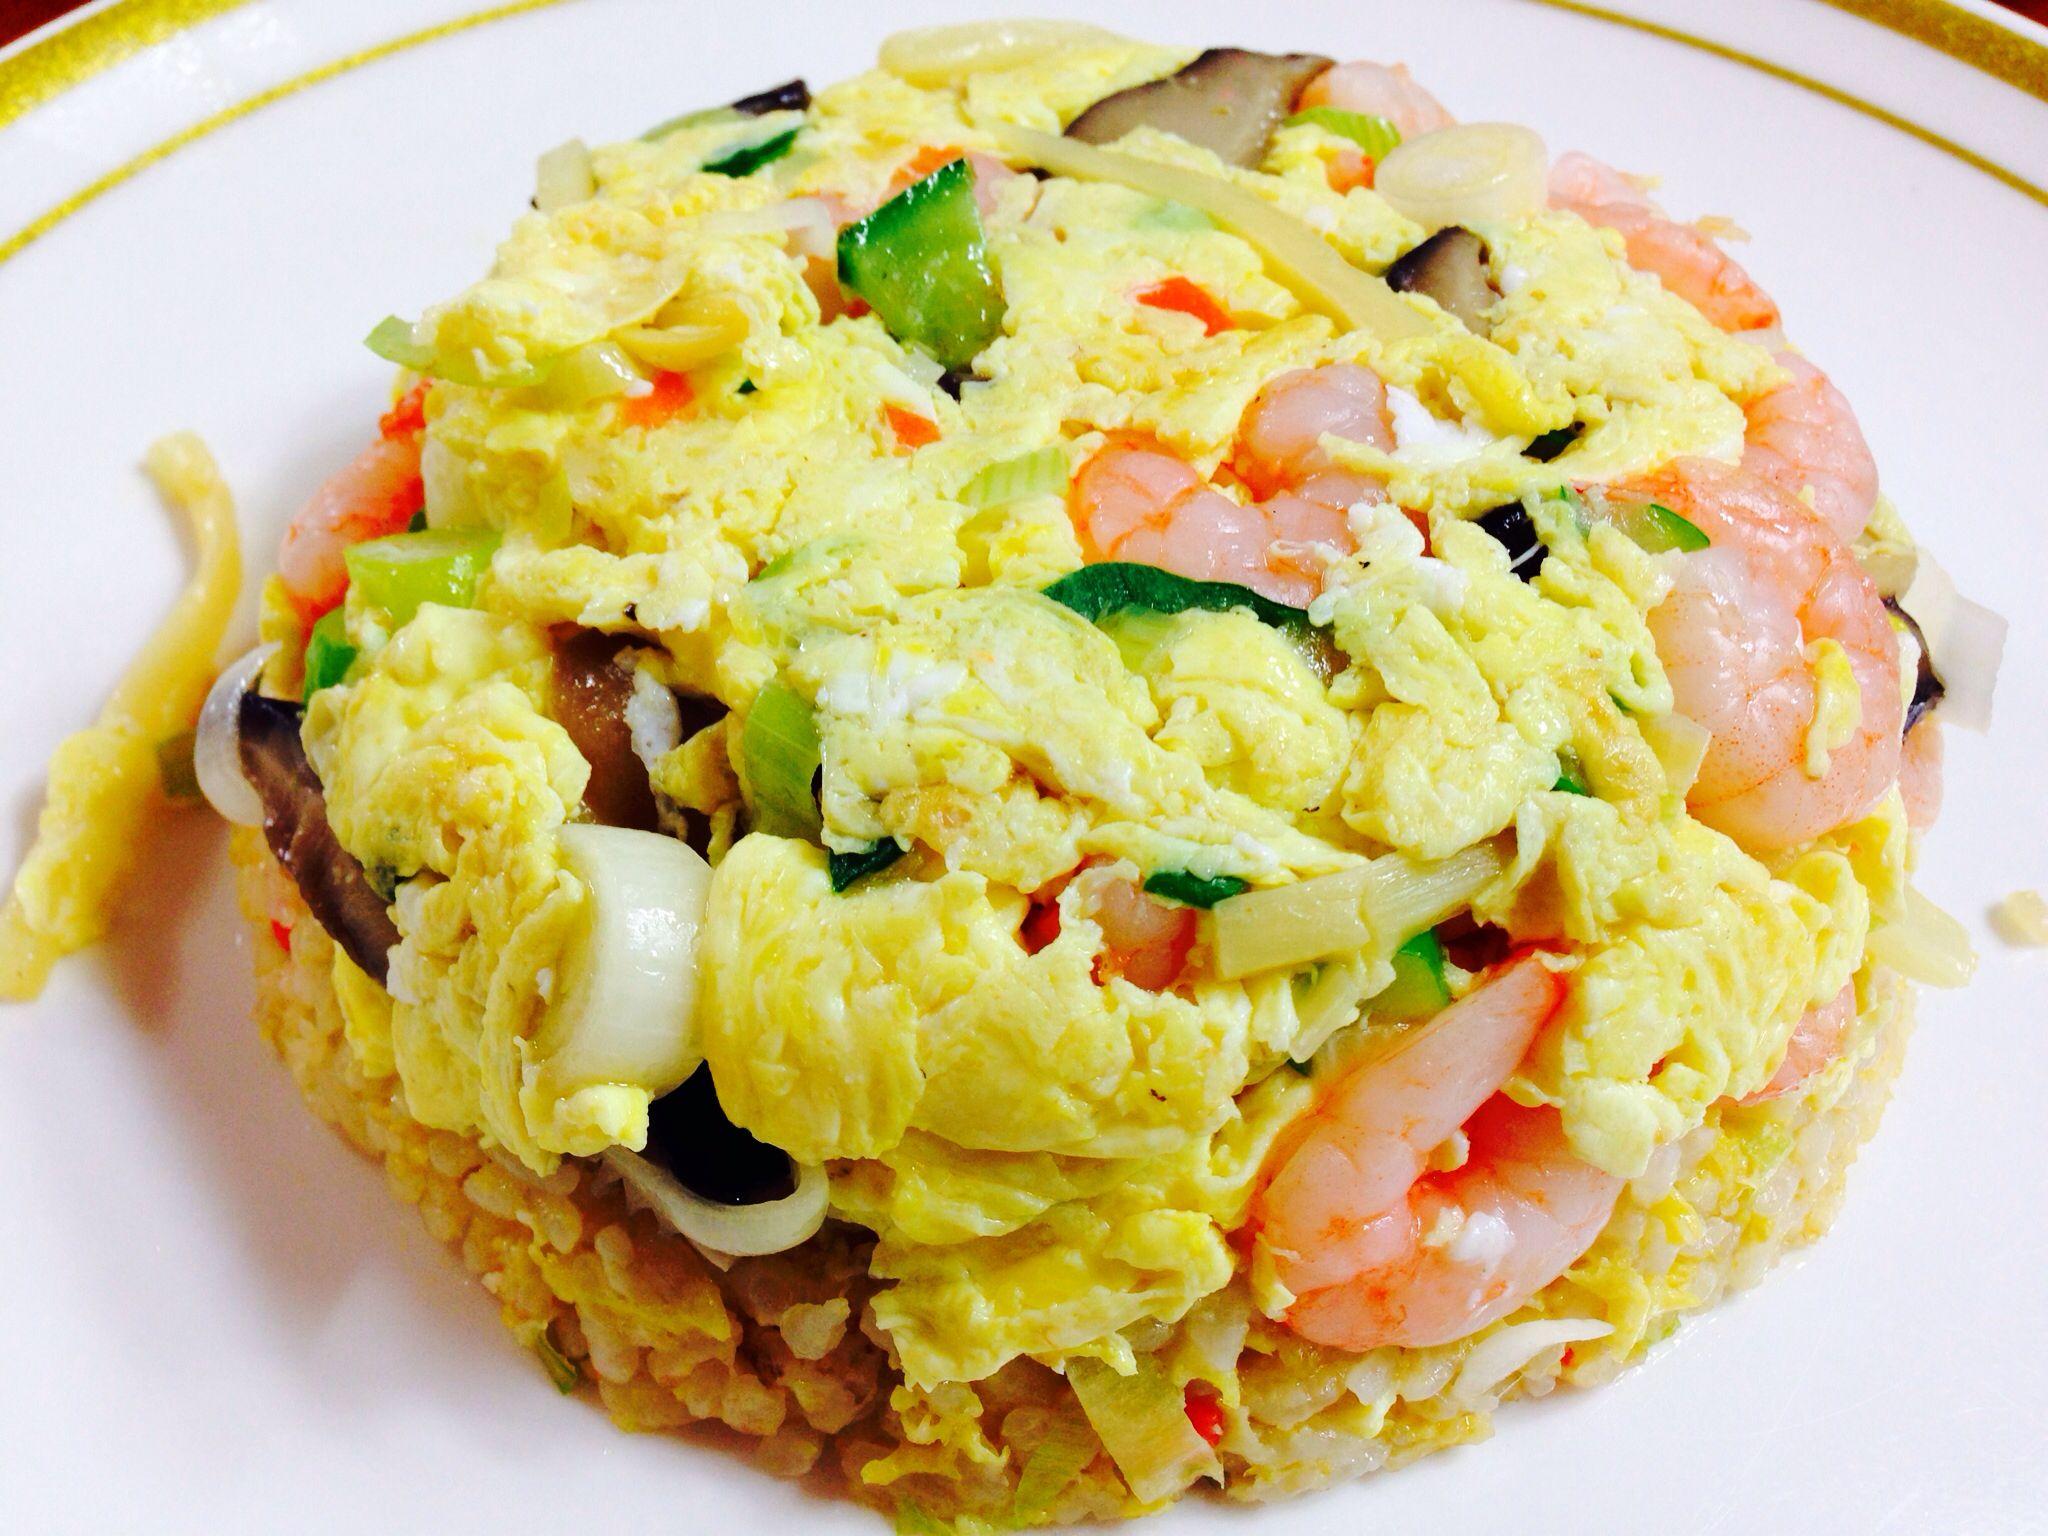 Koreanfood korea food shrimp fried rice chinese style korean koreanfood korea food shrimp fried rice chinese style korean food forumfinder Gallery